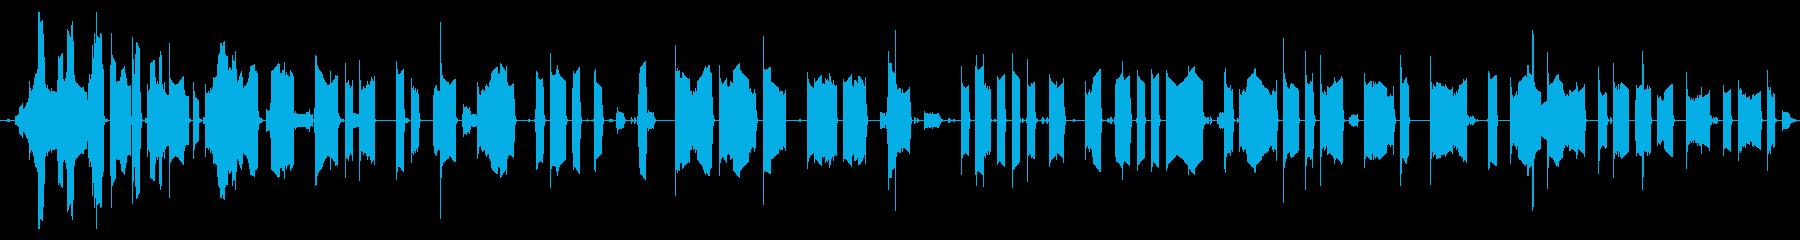 ヴィンテージブロークントーンコンピ...の再生済みの波形